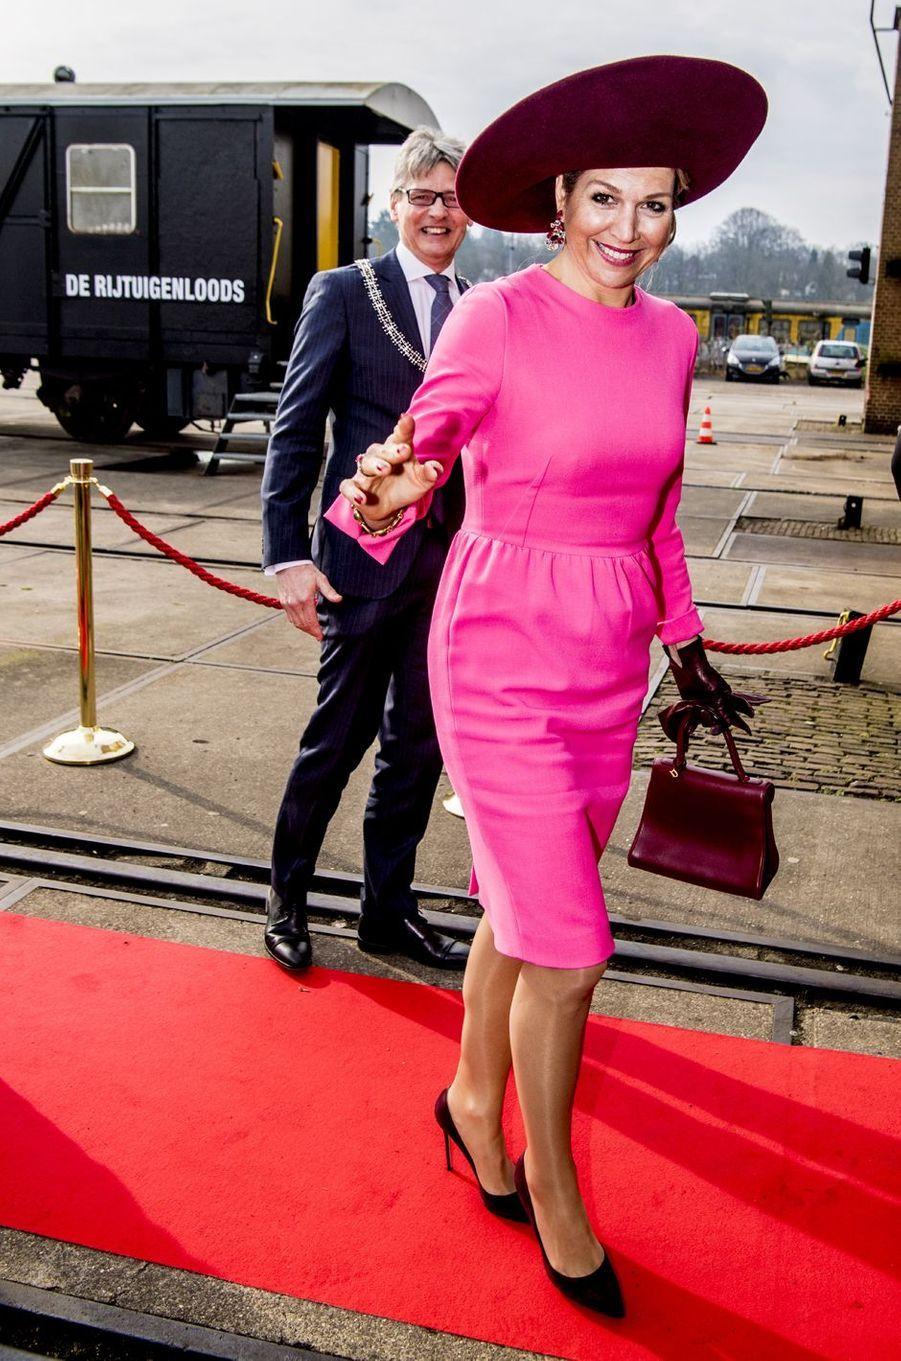 La reine Maxima des Pays-Bas à son arrivée à Amersfoort, le 27 mars 2018